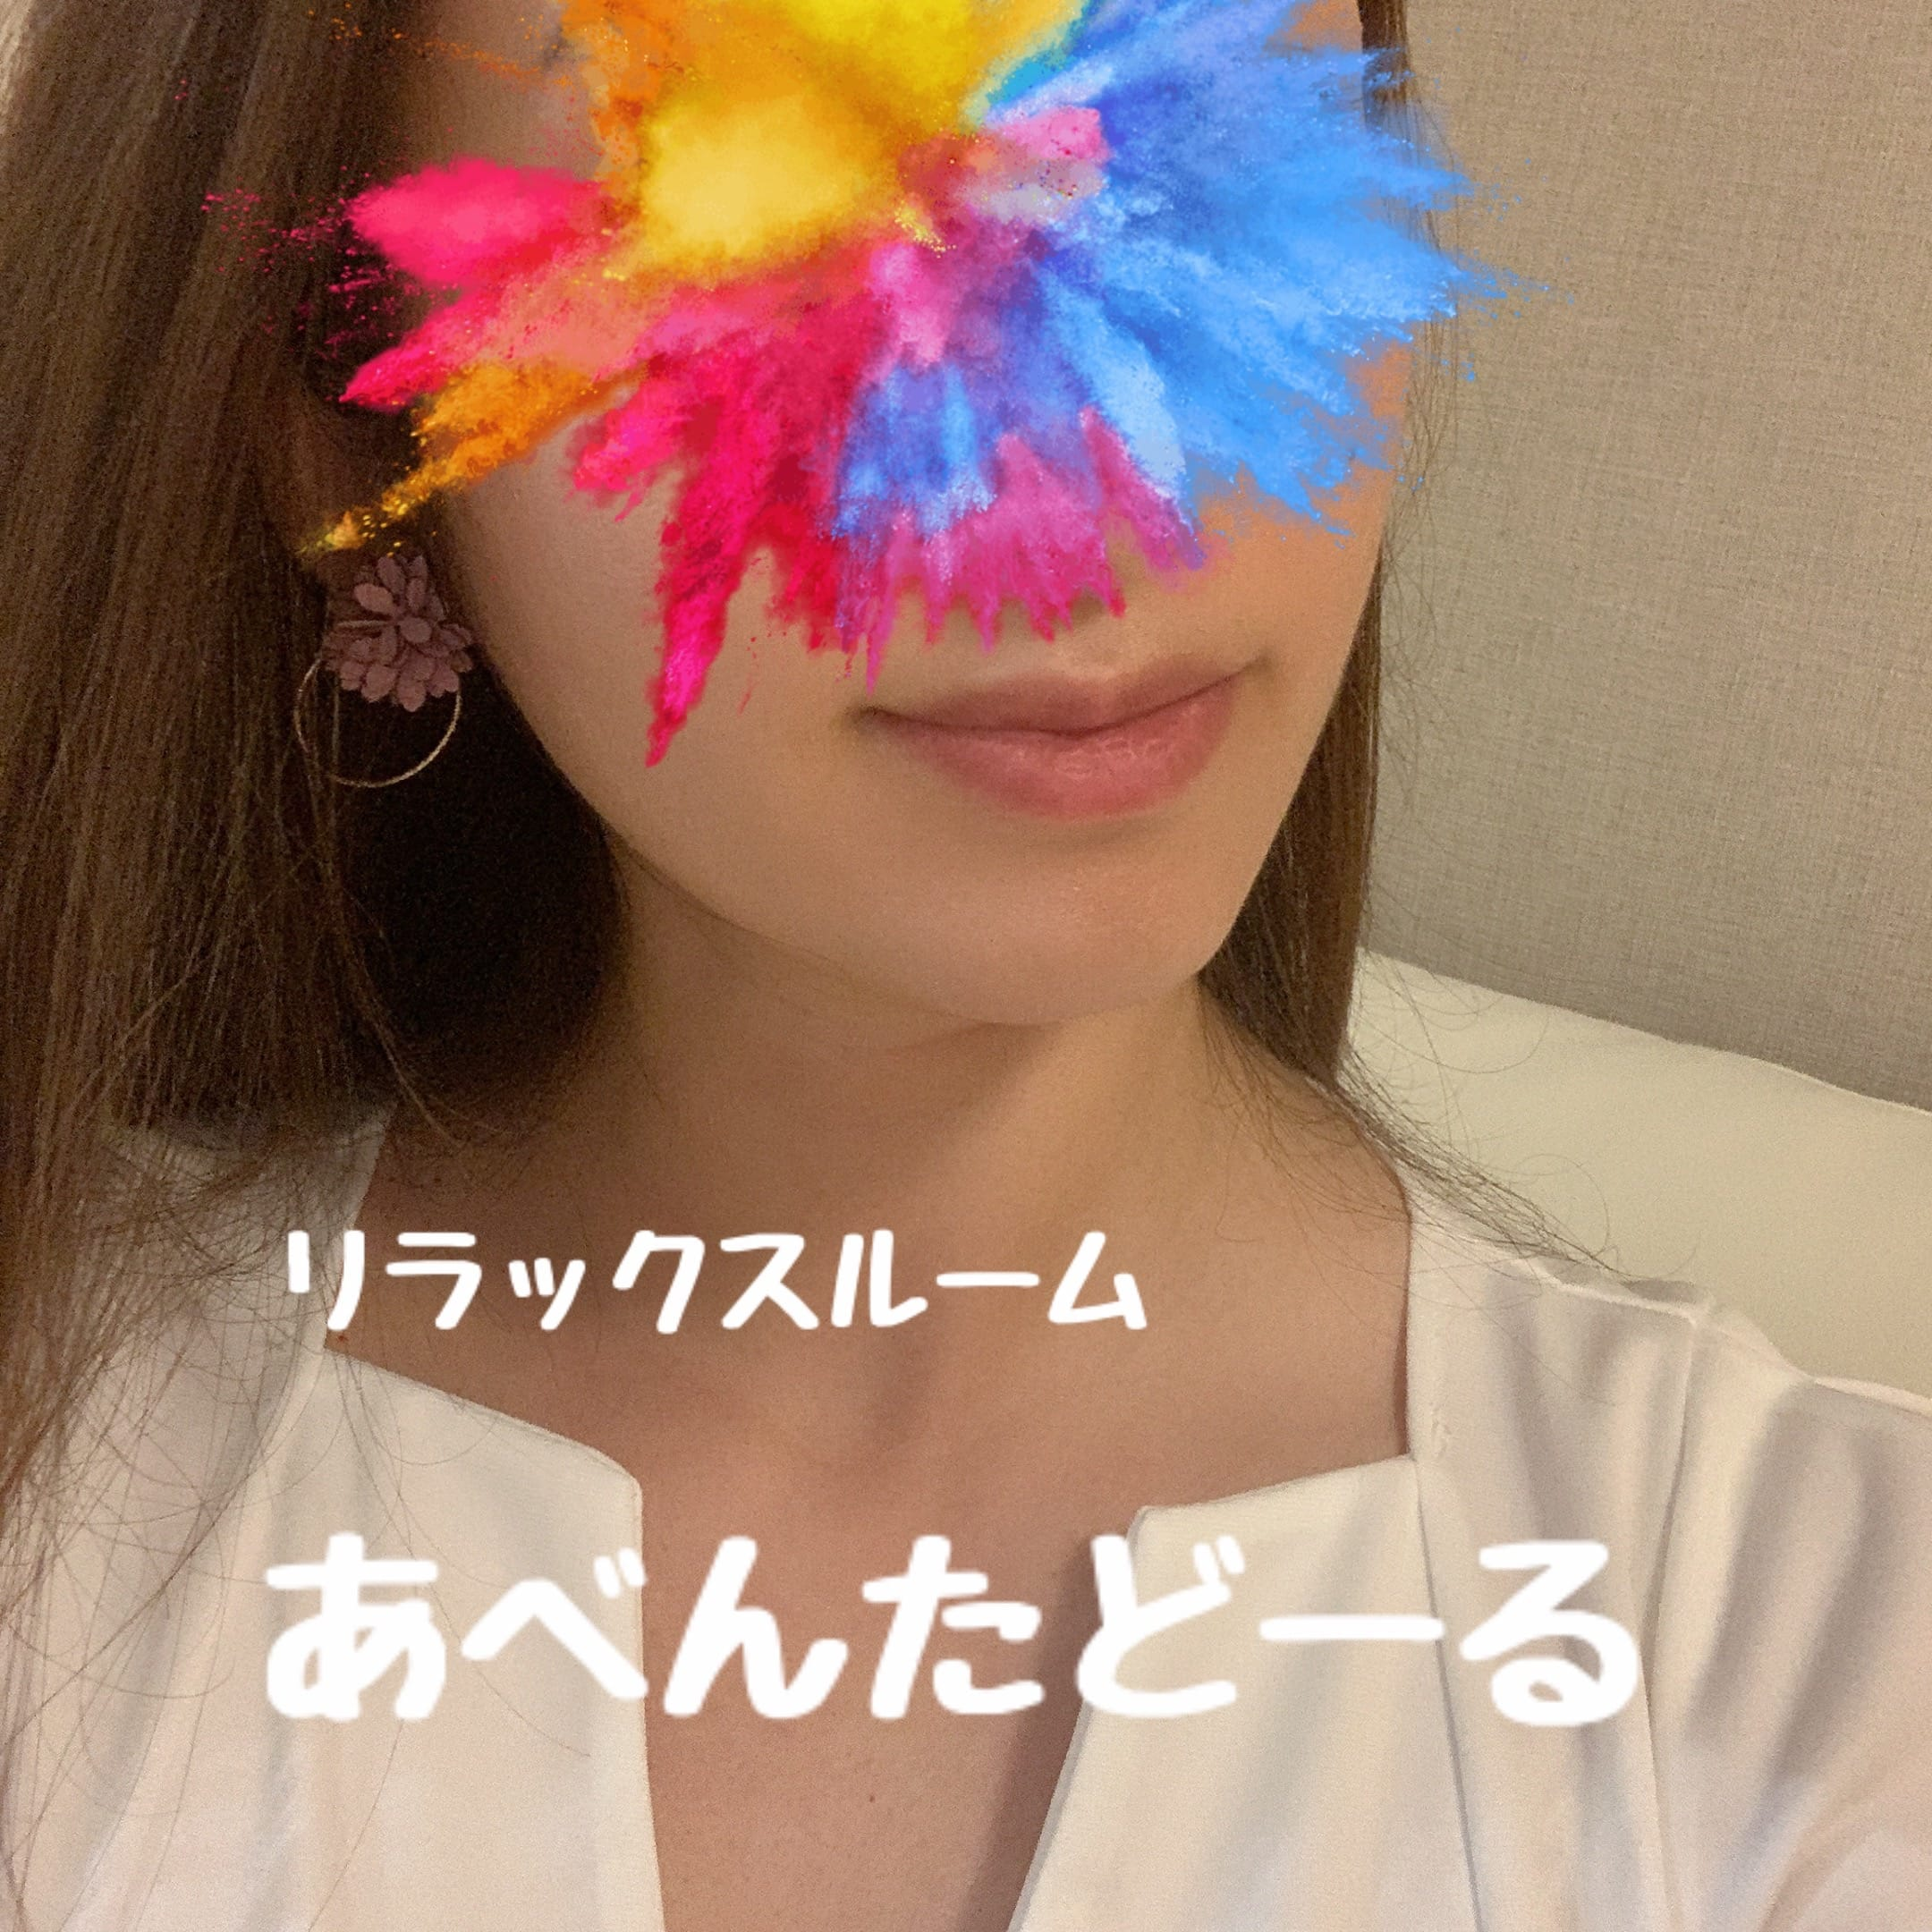 「本日もありがとうございました(*ฅ́˘ฅ̀*)♥」07/16(金) 21:55 | ミナミ(30代)の写メ日記